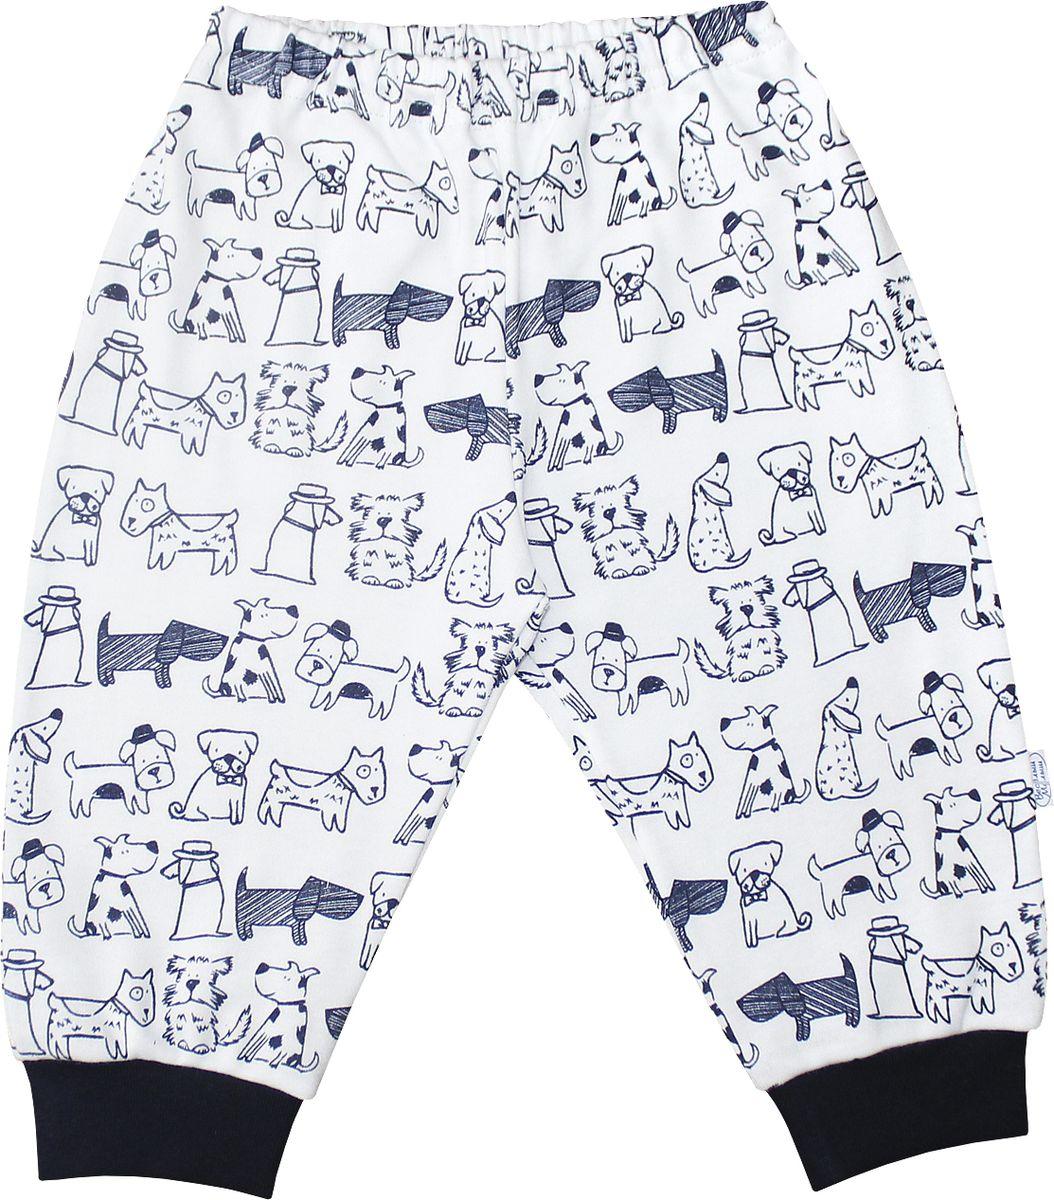 Штанишки для мальчика Веселый малыш Верные друзья, цвет: белый, темно-синий. 33320/вд-F (1)_собачки. Размер 86 брюки джинсы и штанишки веселый малыш штанишки мото